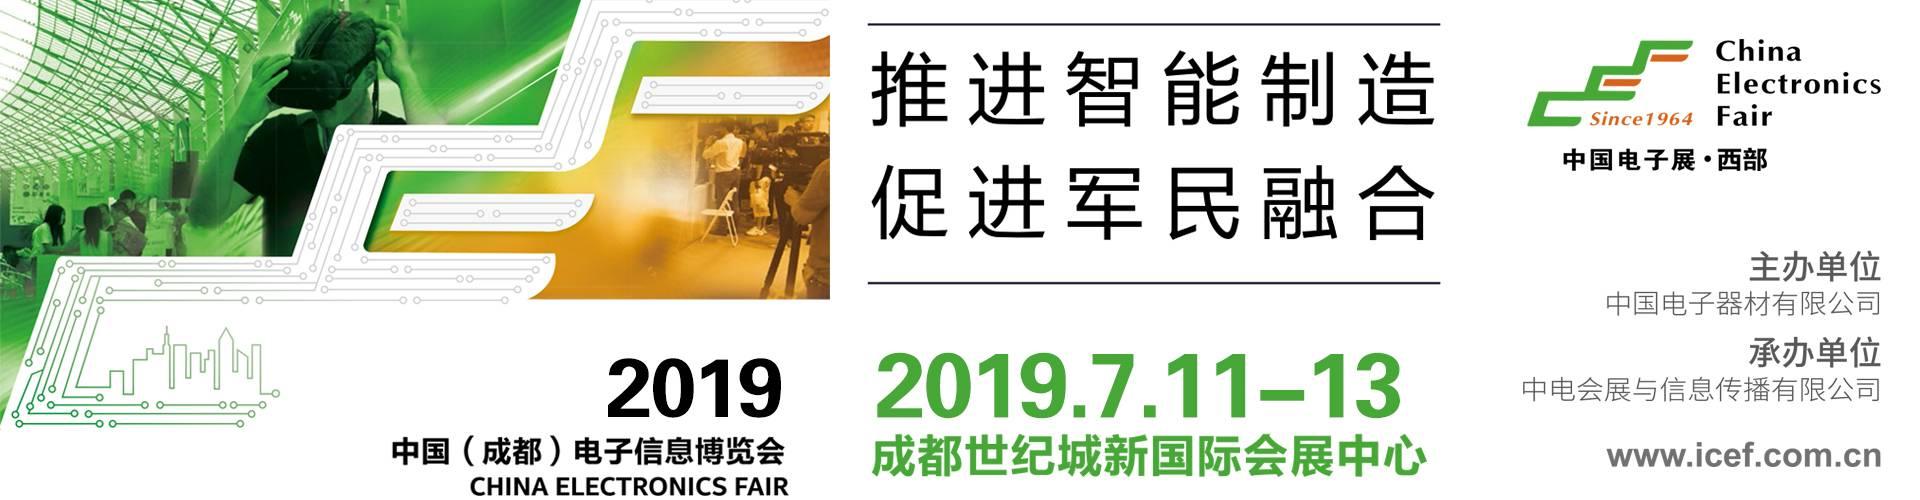 2019年中国(成都)电子展-开启成都的高科技模式